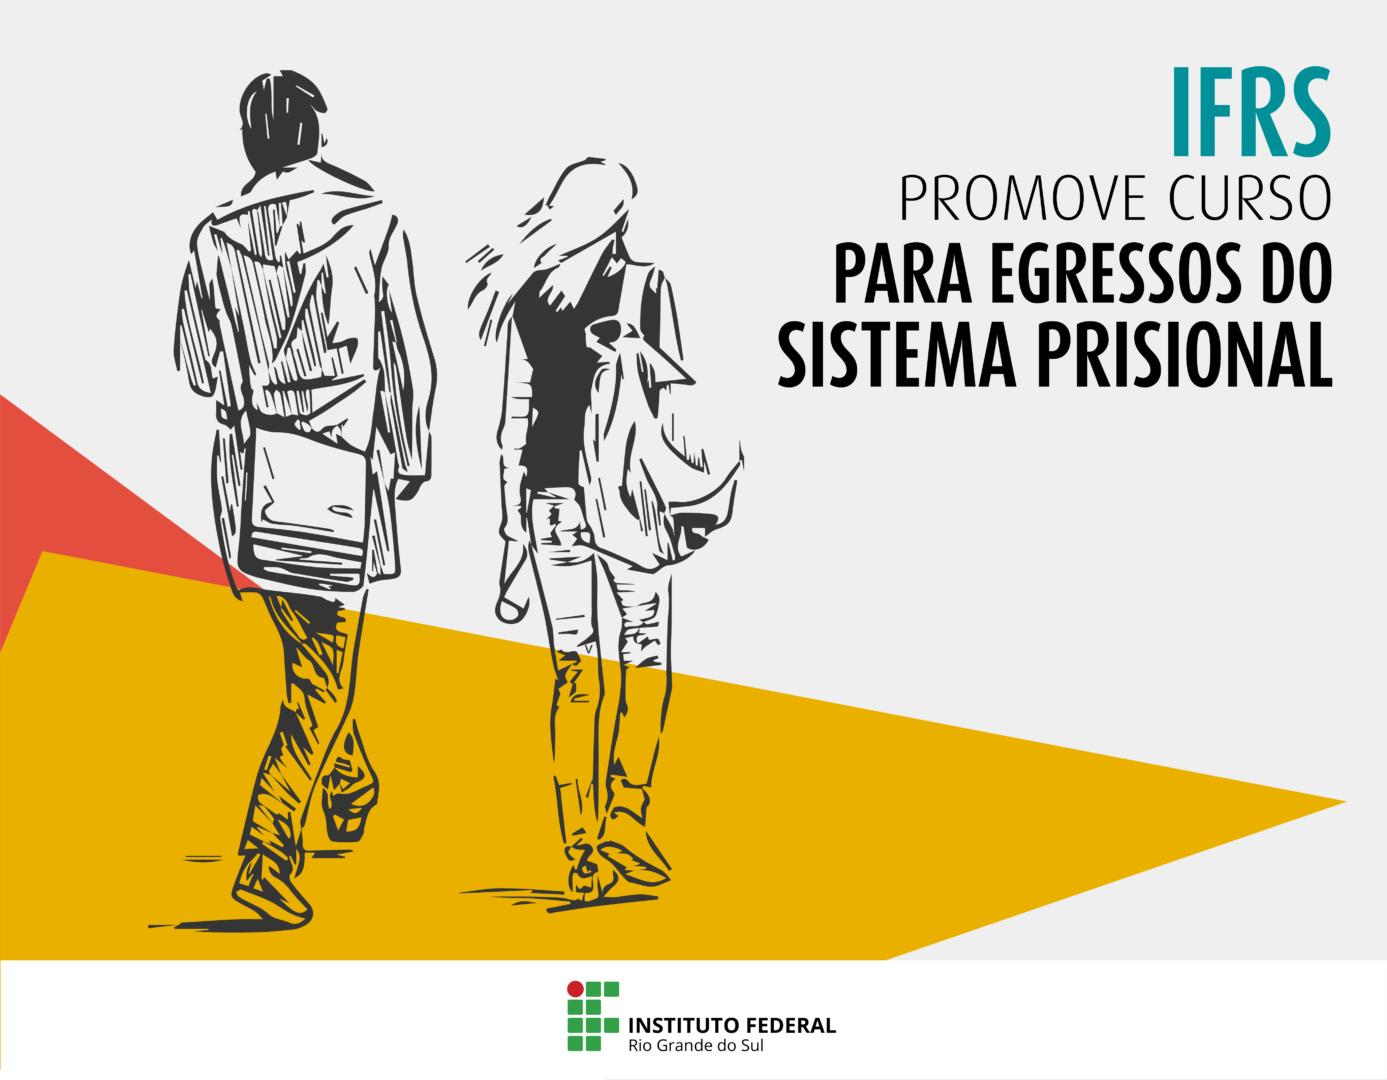 Informação textual IFRS promove curso para egressos do sistema prisional, marca do IFRS e desenho de um homem e uma mulher de costas, caminhando e carregando mochilas